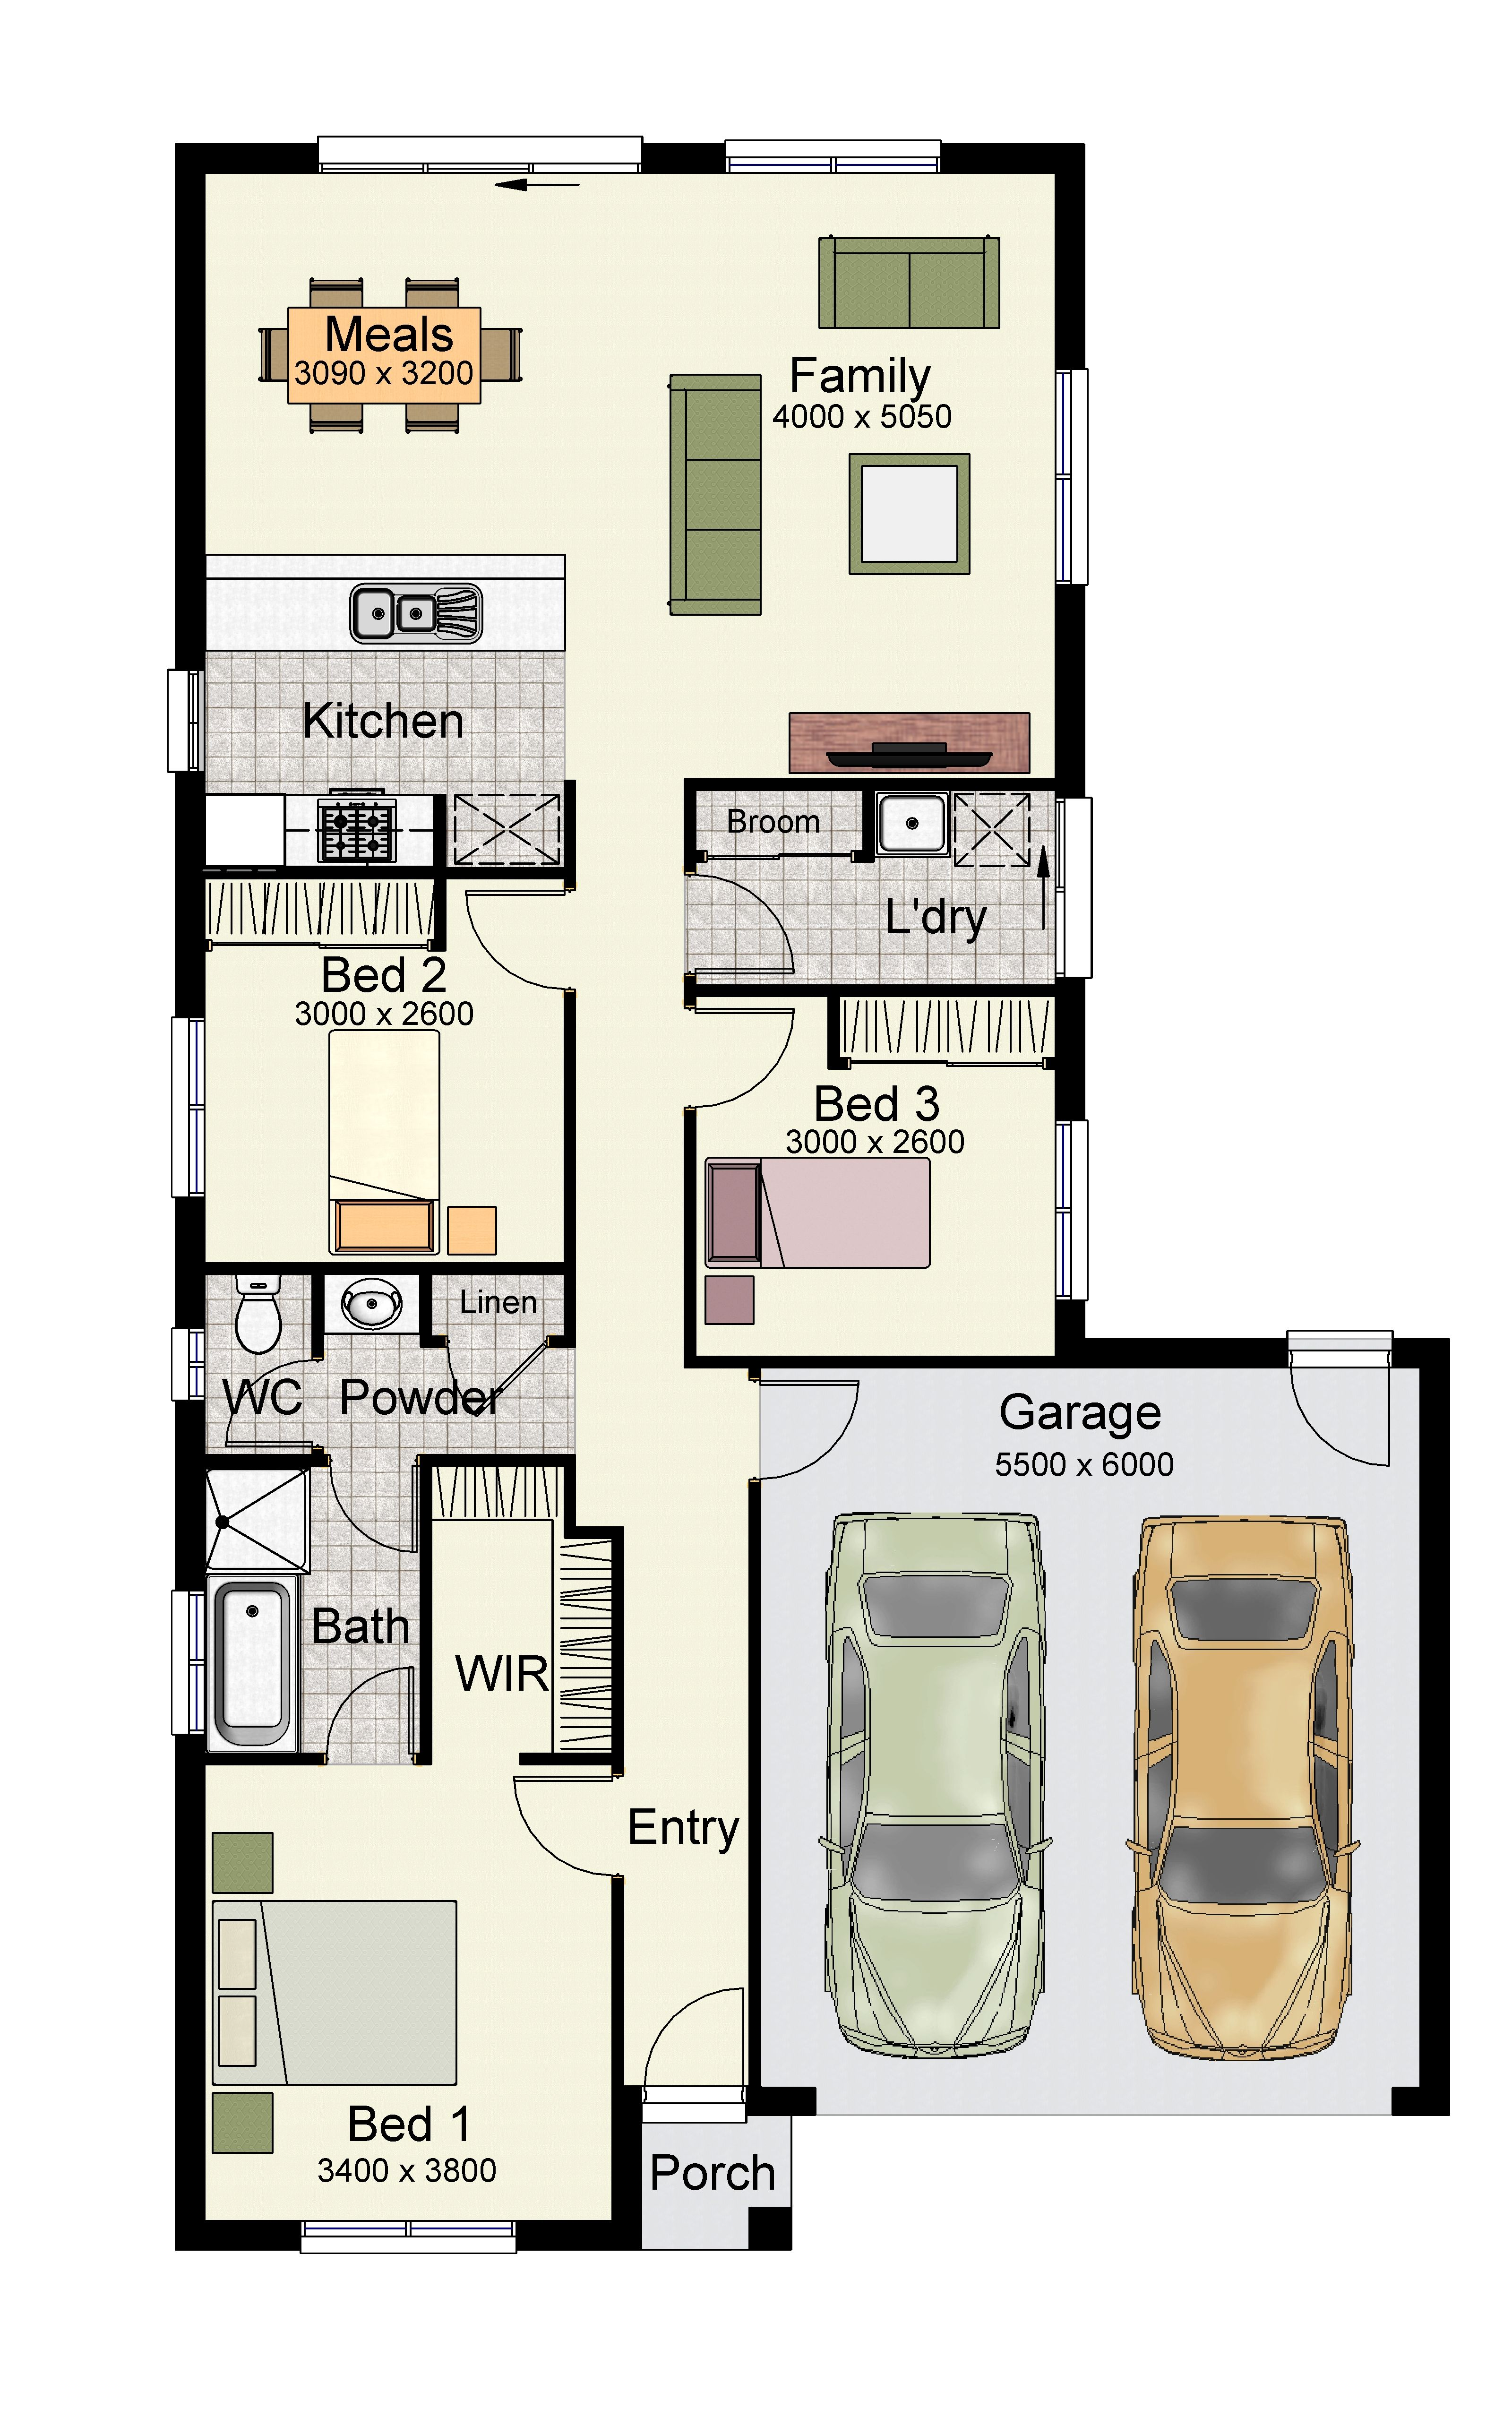 Our Home Designs Porch house plans, House plans, Floor plans